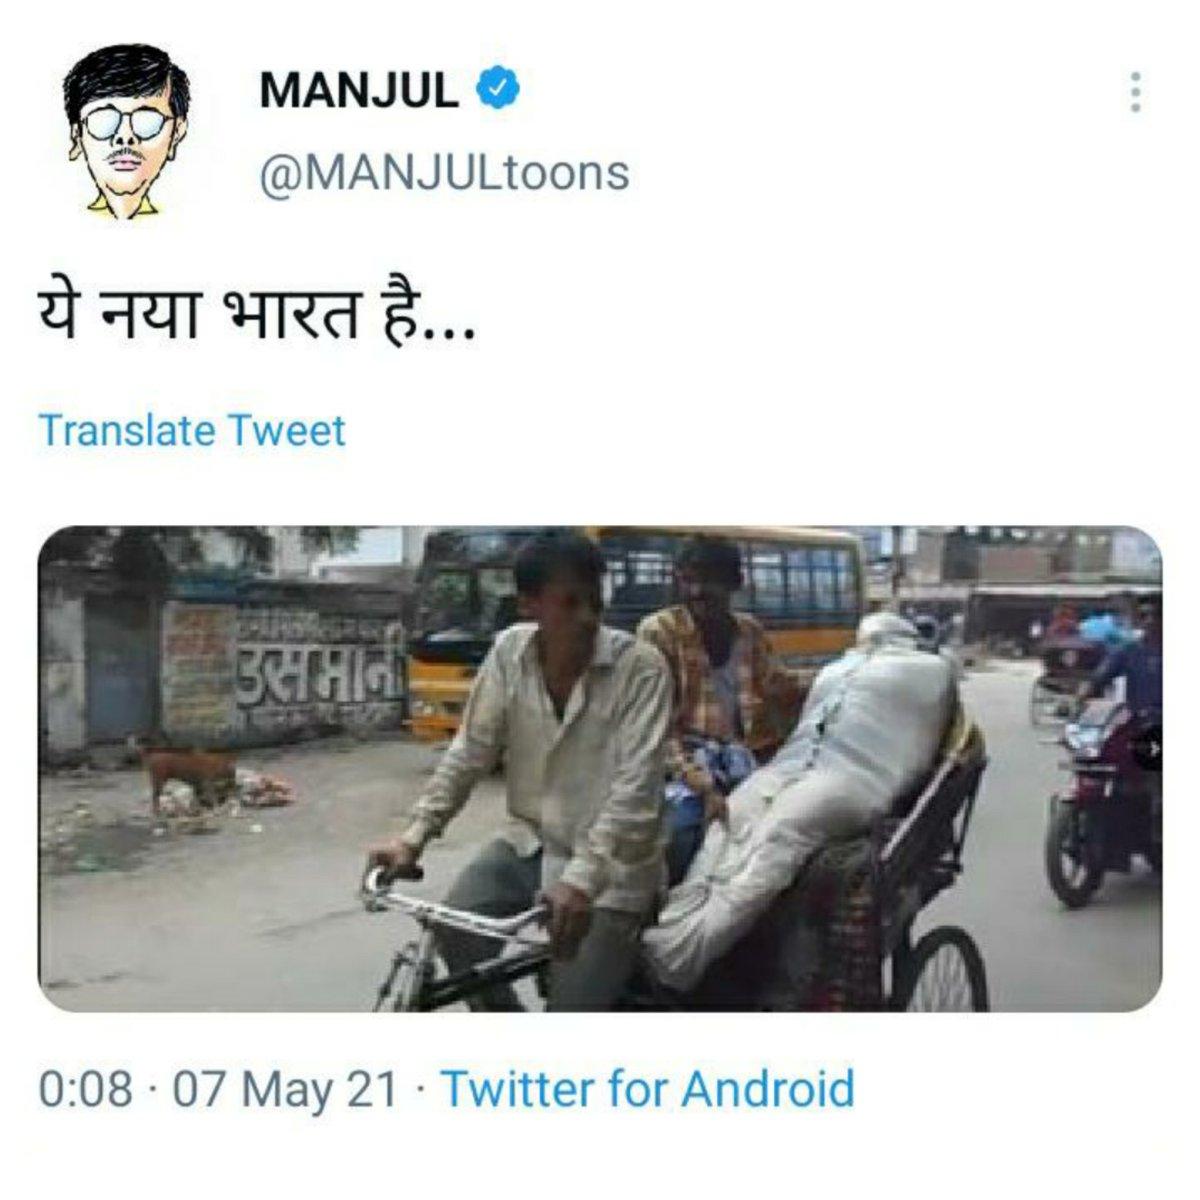 Aur tu bhau shree wala hai @MANJULtoons https://t.co/Y9otopqvHd